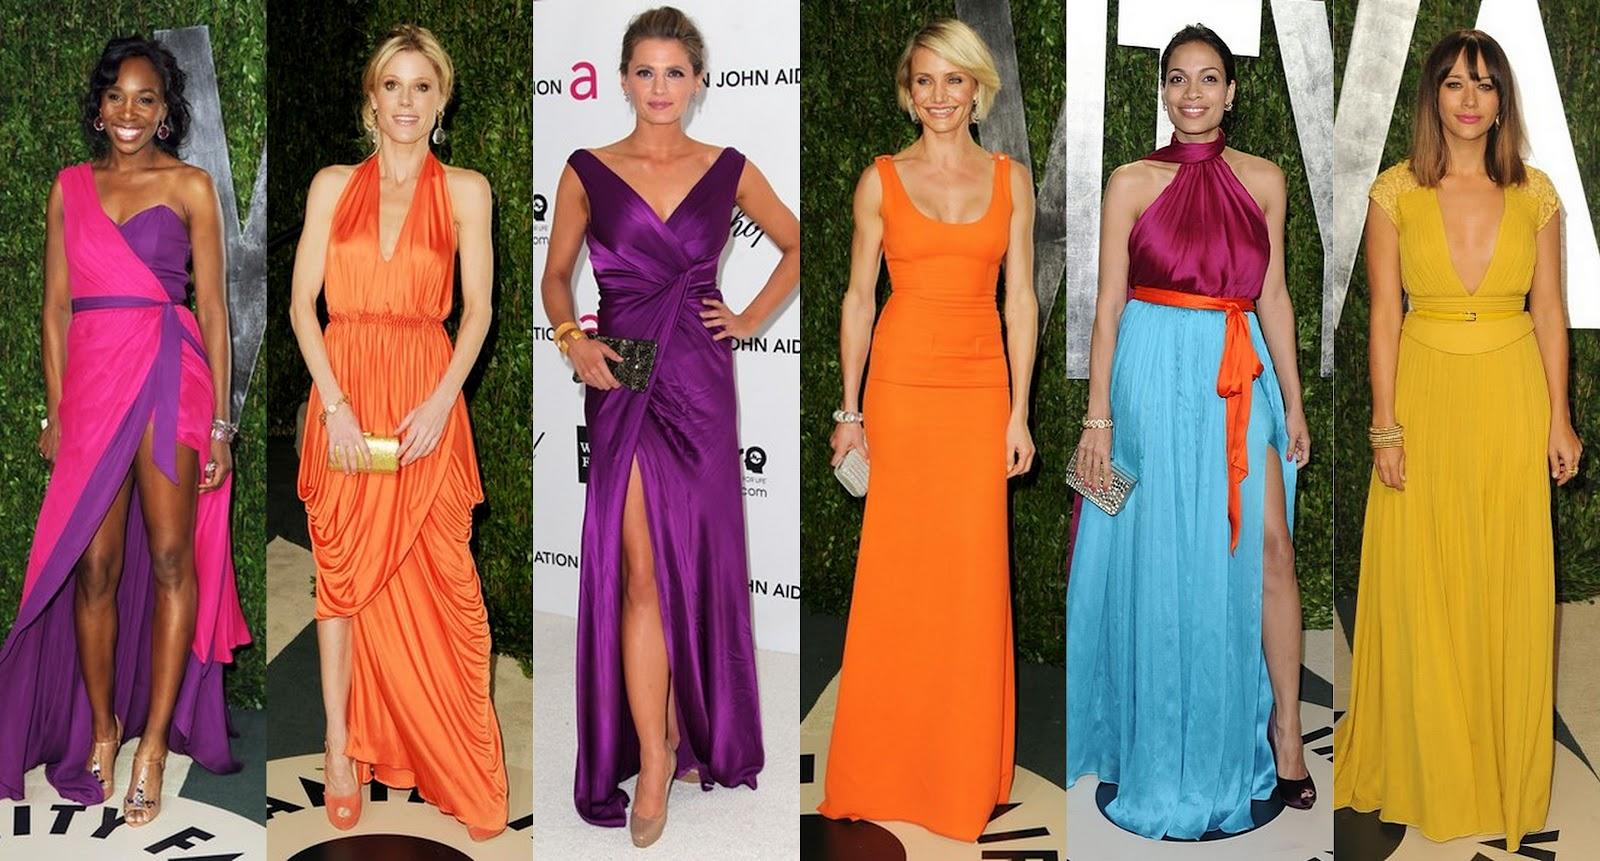 http://2.bp.blogspot.com/-qEuZG1dZGOk/T6zoPHWAL3I/AAAAAAAAQP4/FQi_4TxNccw/s1600/Oscar+Party+Dresses+2012+7.jpg